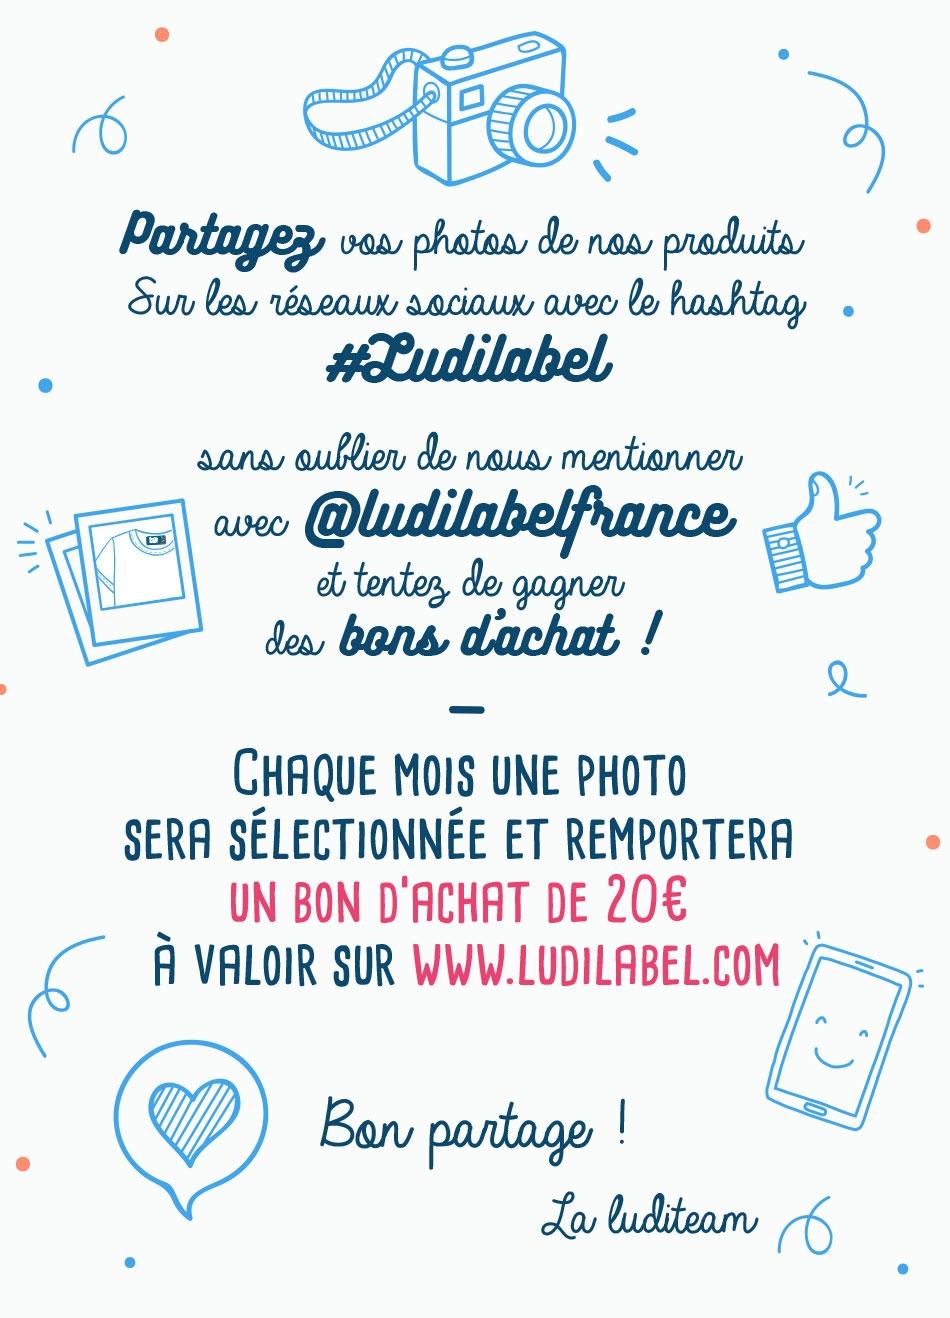 Partagez vos photos des produits Ludilabel sur les réseaux sociaux et tentez de remporter des bons d'achat de 20 euros à valoir sur www.ludilabel.fr